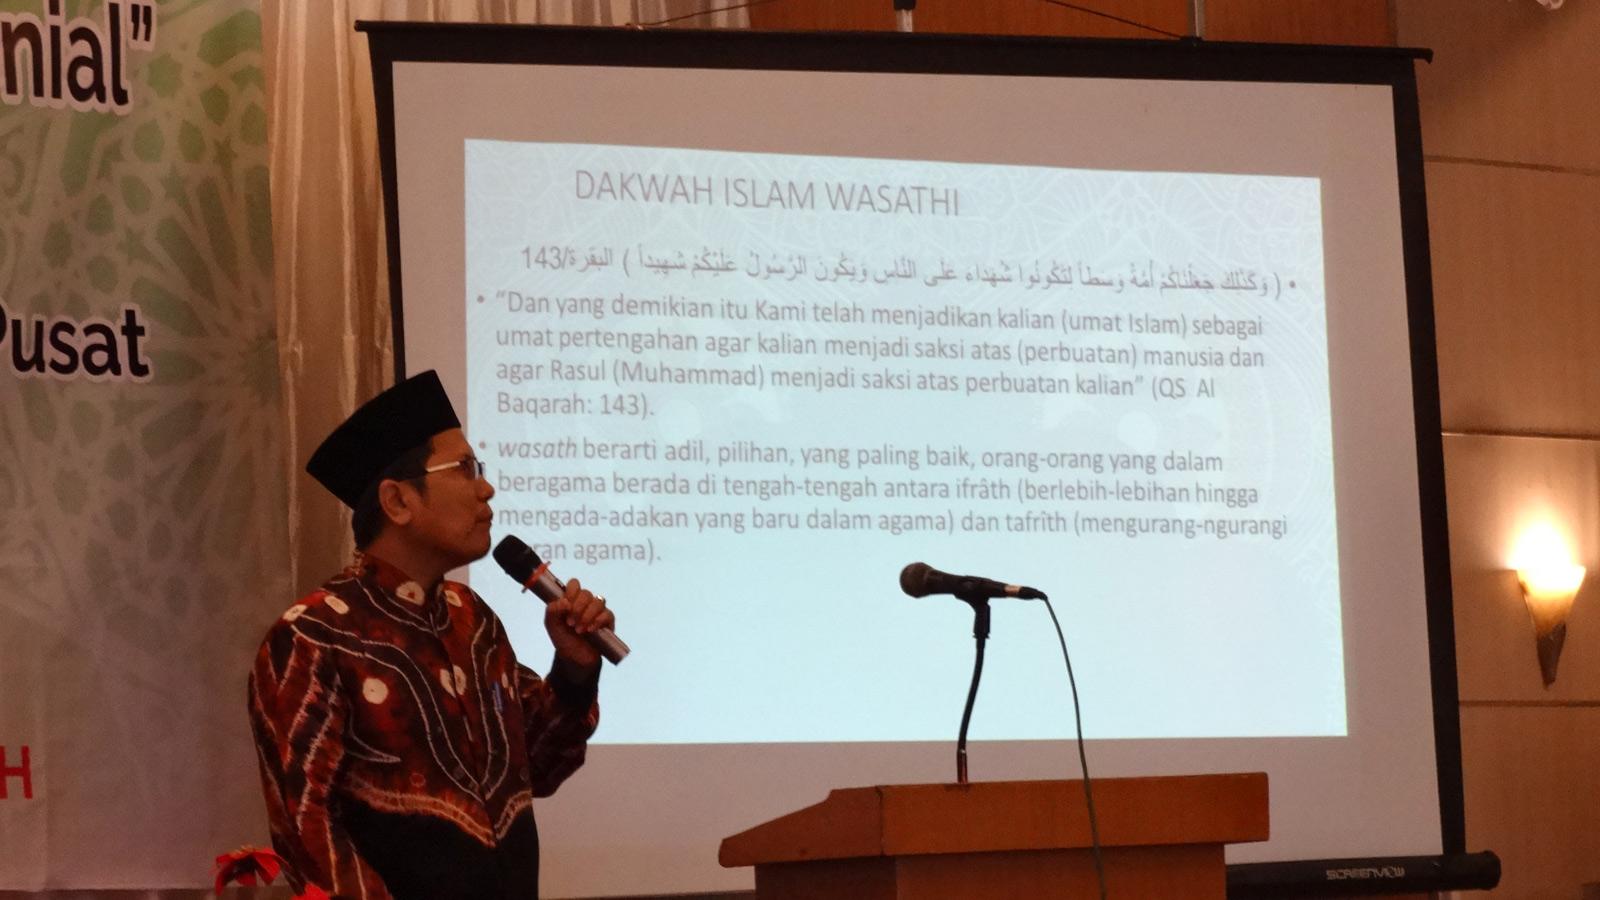 KH Cholil Nafis Lc PhD dalam Halaqah Dakwah MUI Balikpapan, Selasa (22/10). Foto: LINES